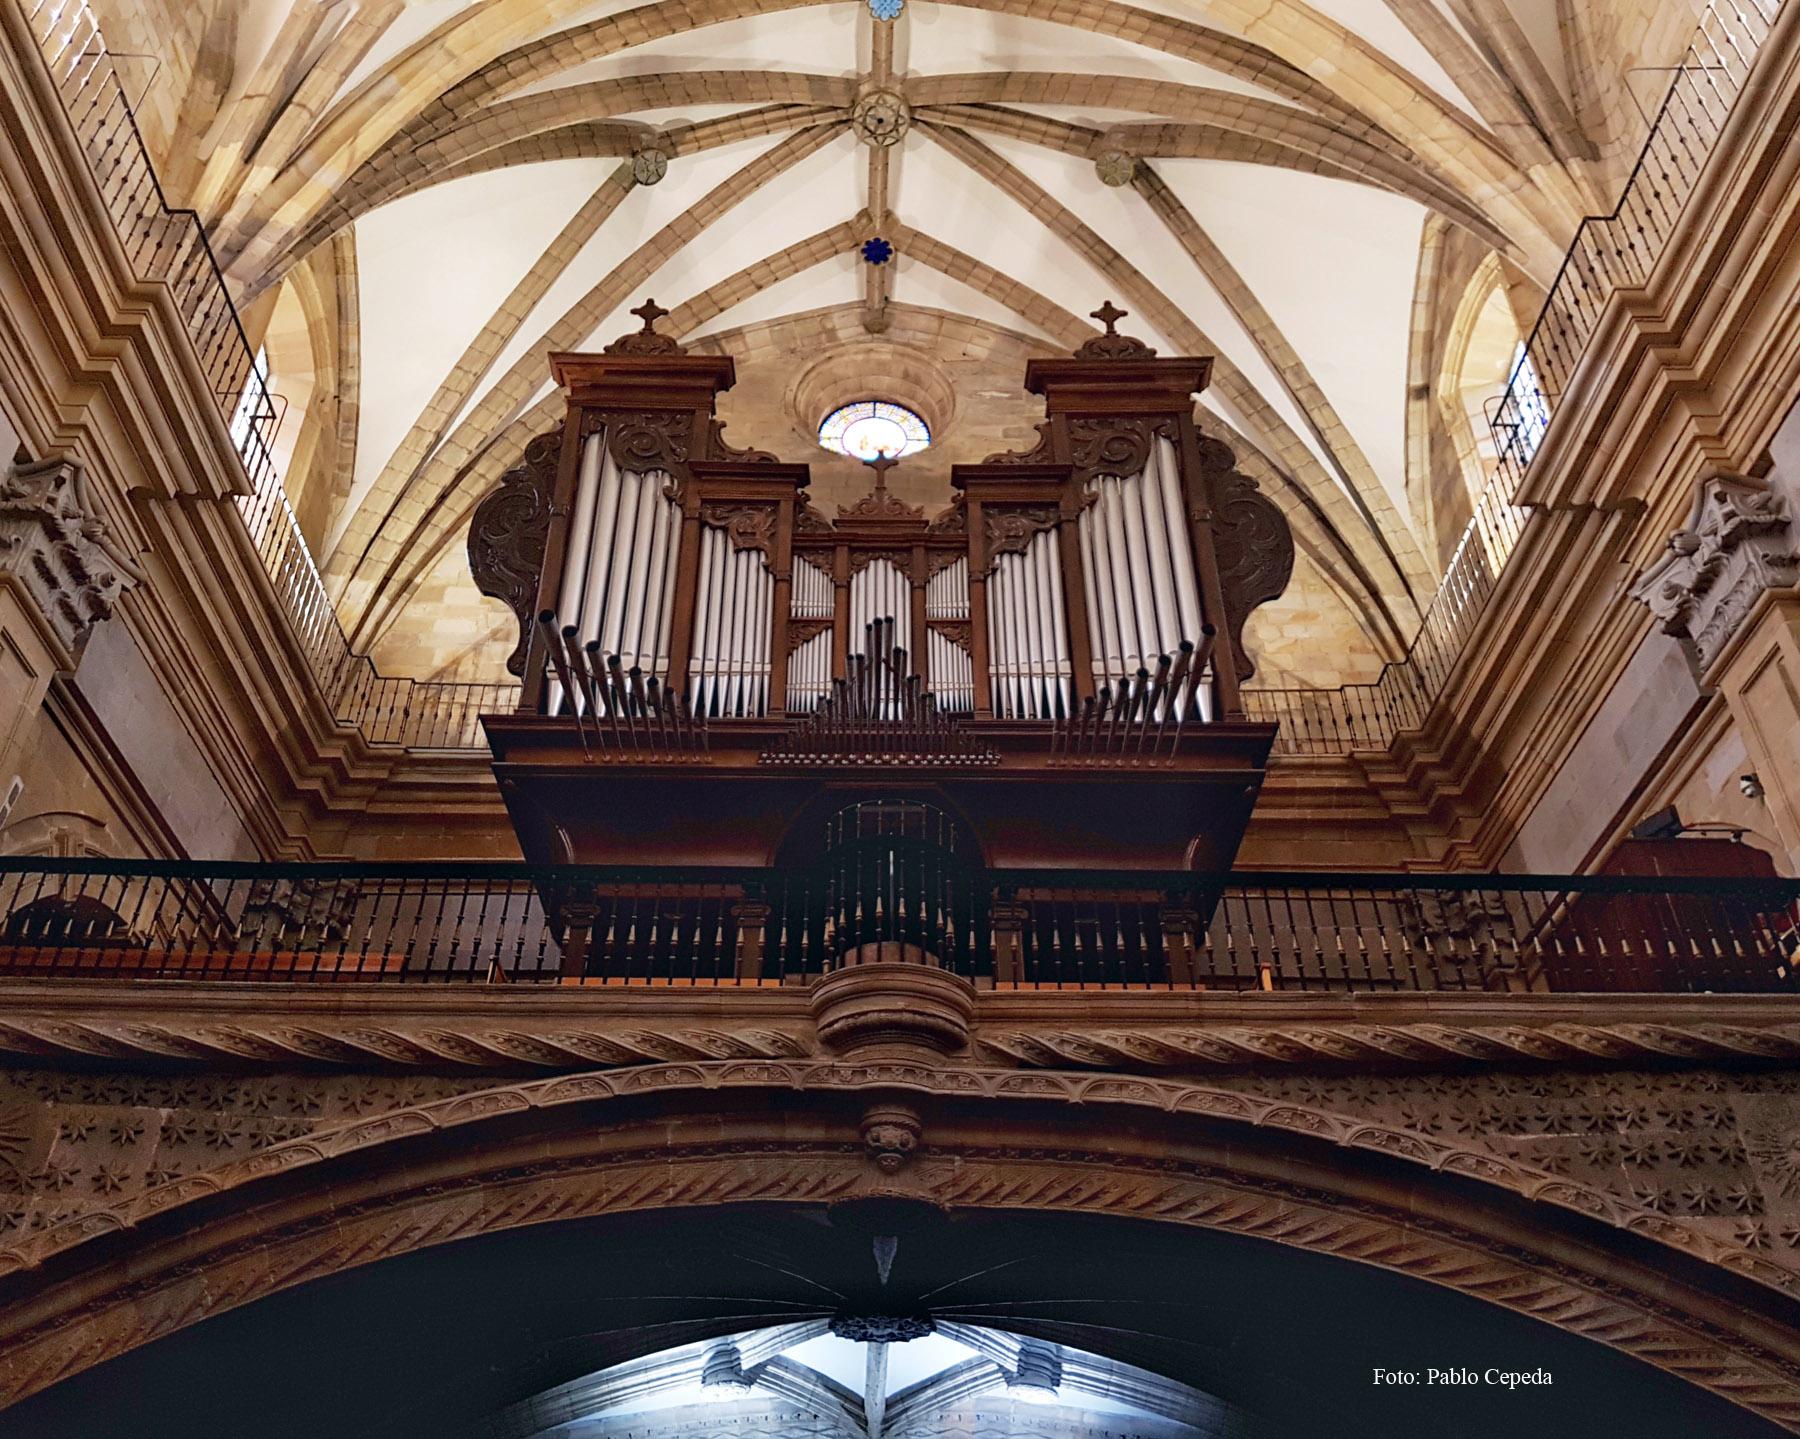 Ciclo de conciertos en el órgano de la Basílica de Durango